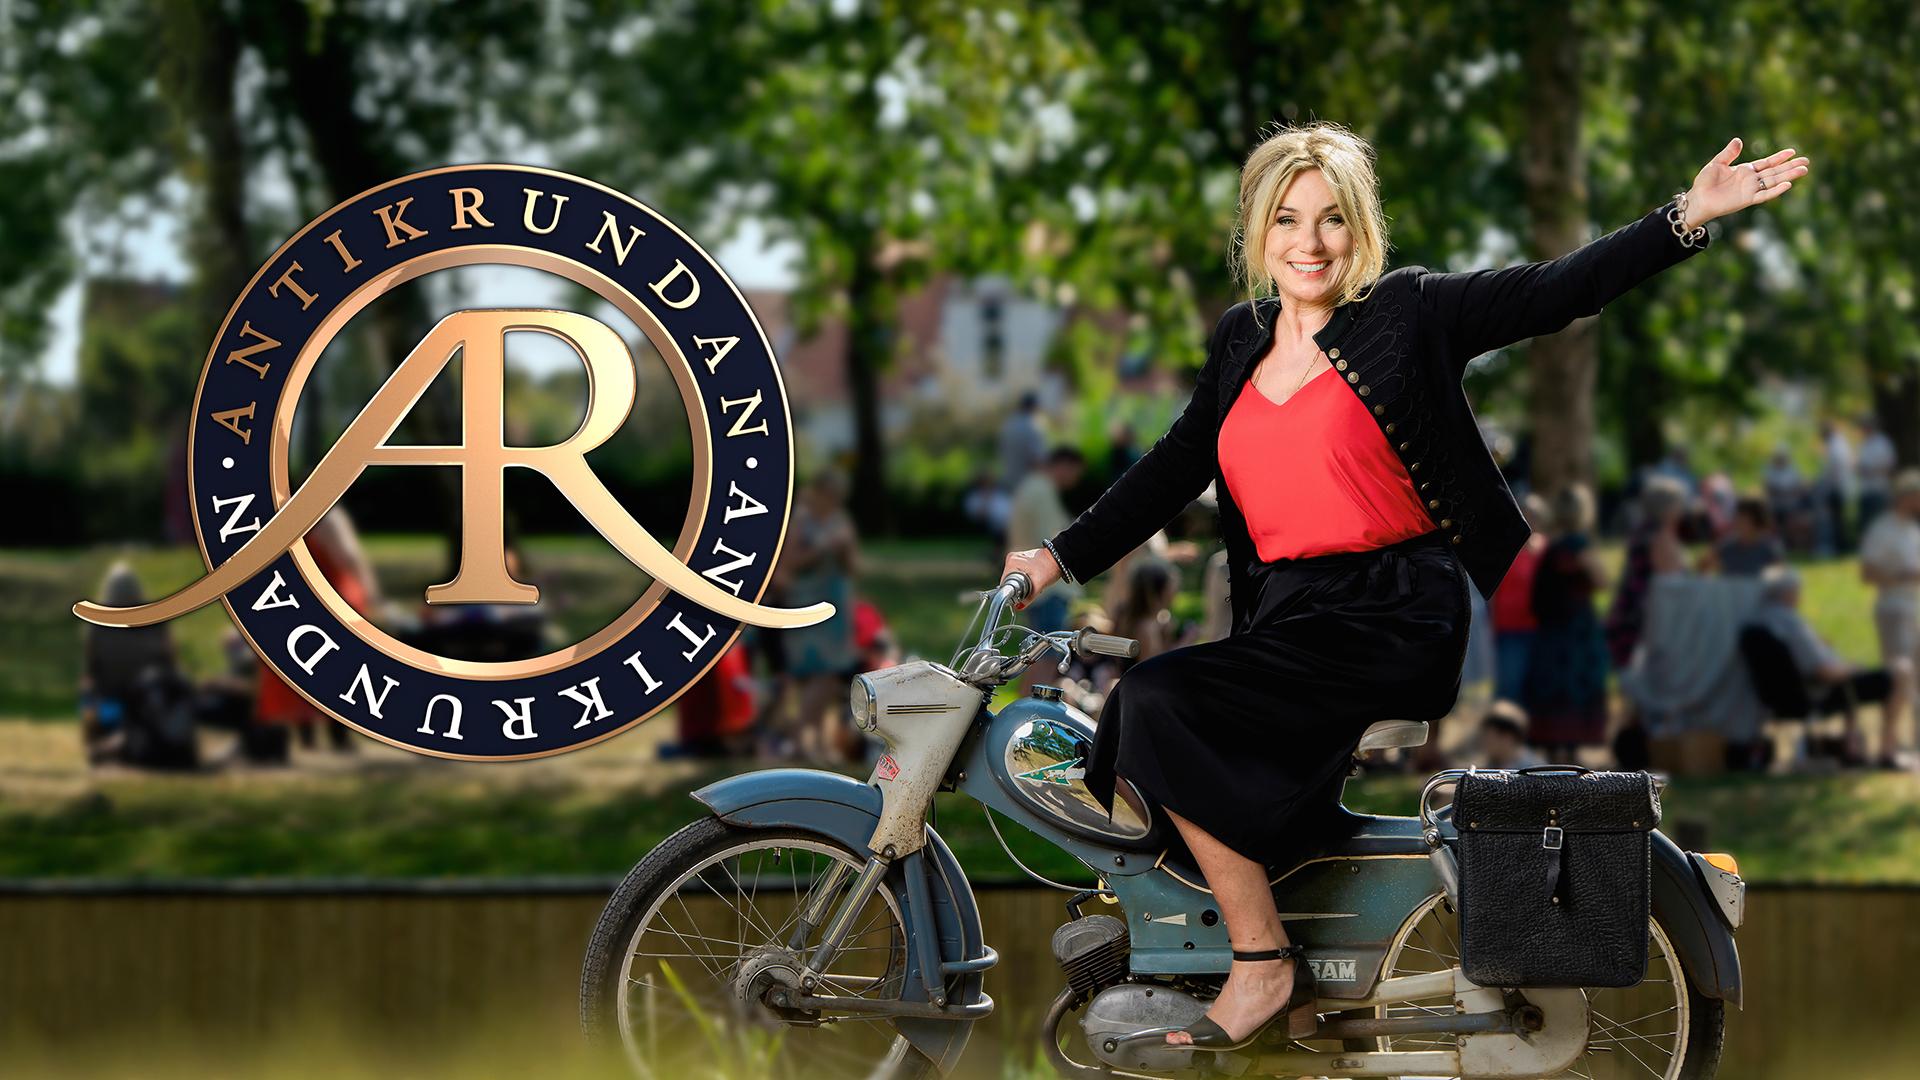 Antikrundans logotyp och Anne Lundberg som vinkar glatt från en moped framför ett somrigt landskap med Antikrundanbesökare